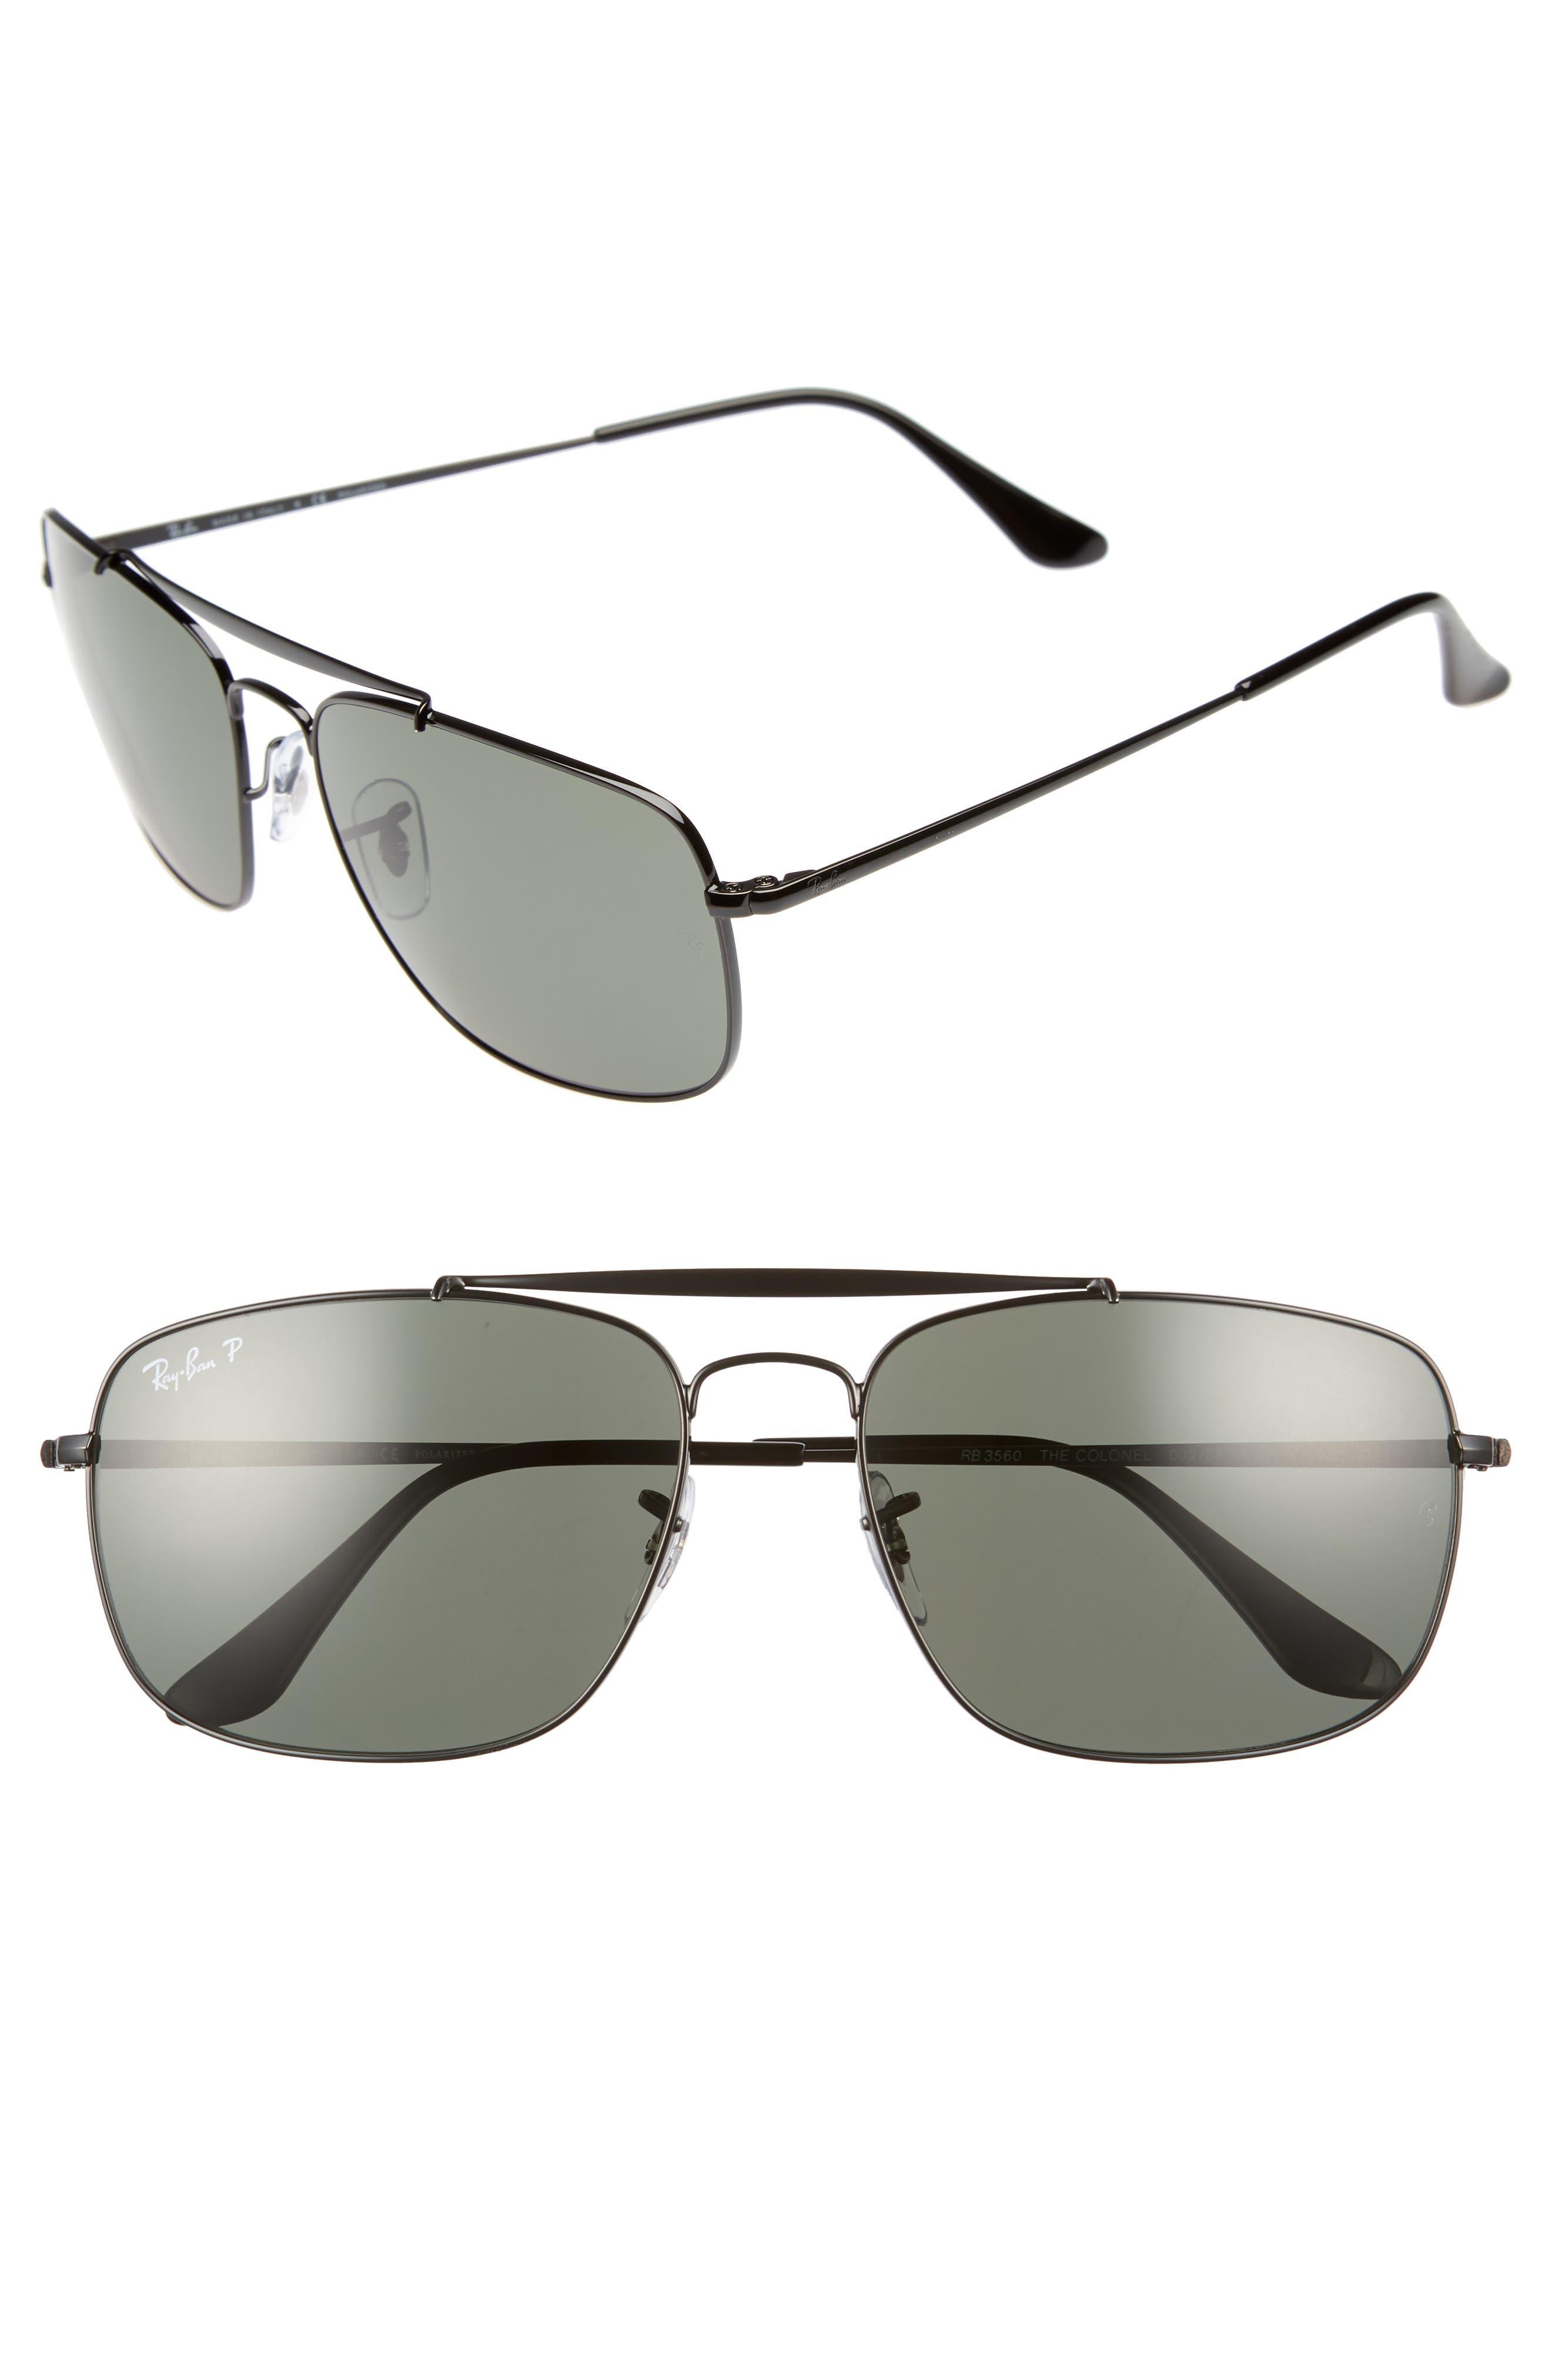 Ray-Ban The Colonel Square 61Mm Polarized Sunglasses - Black